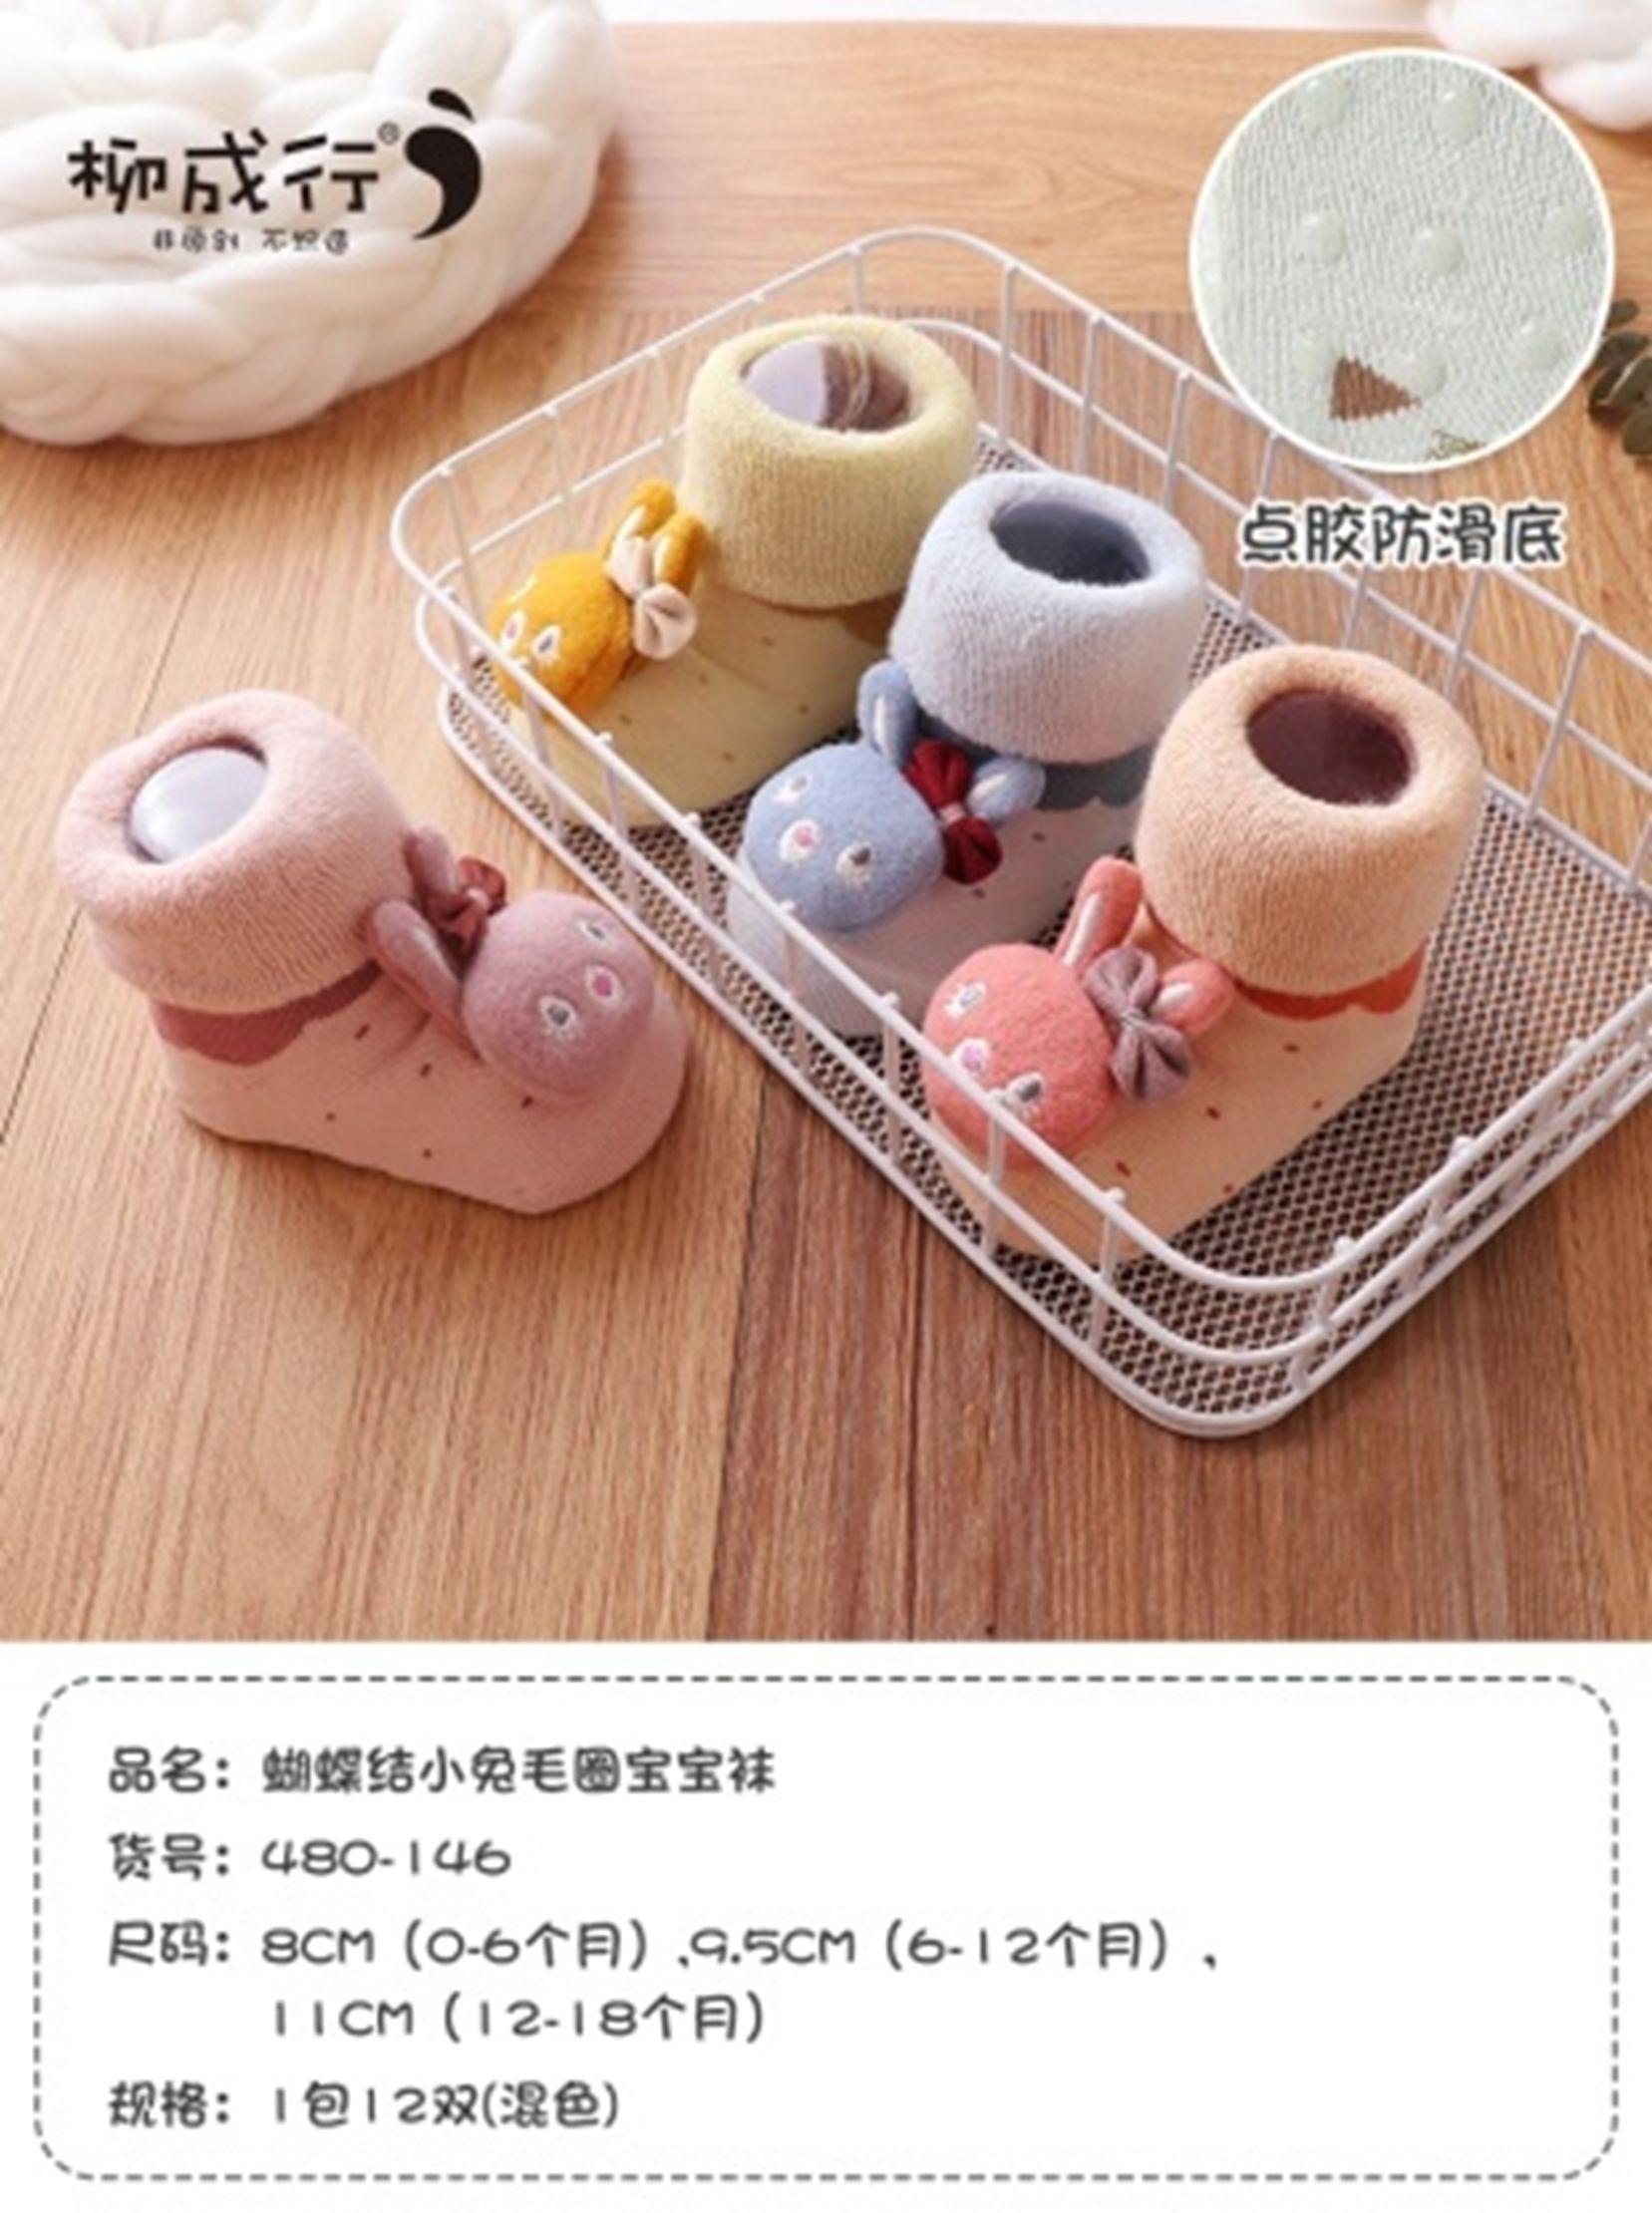 义乌好货 蝴蝶结兔子毛圈宝宝袜/480-146/30210